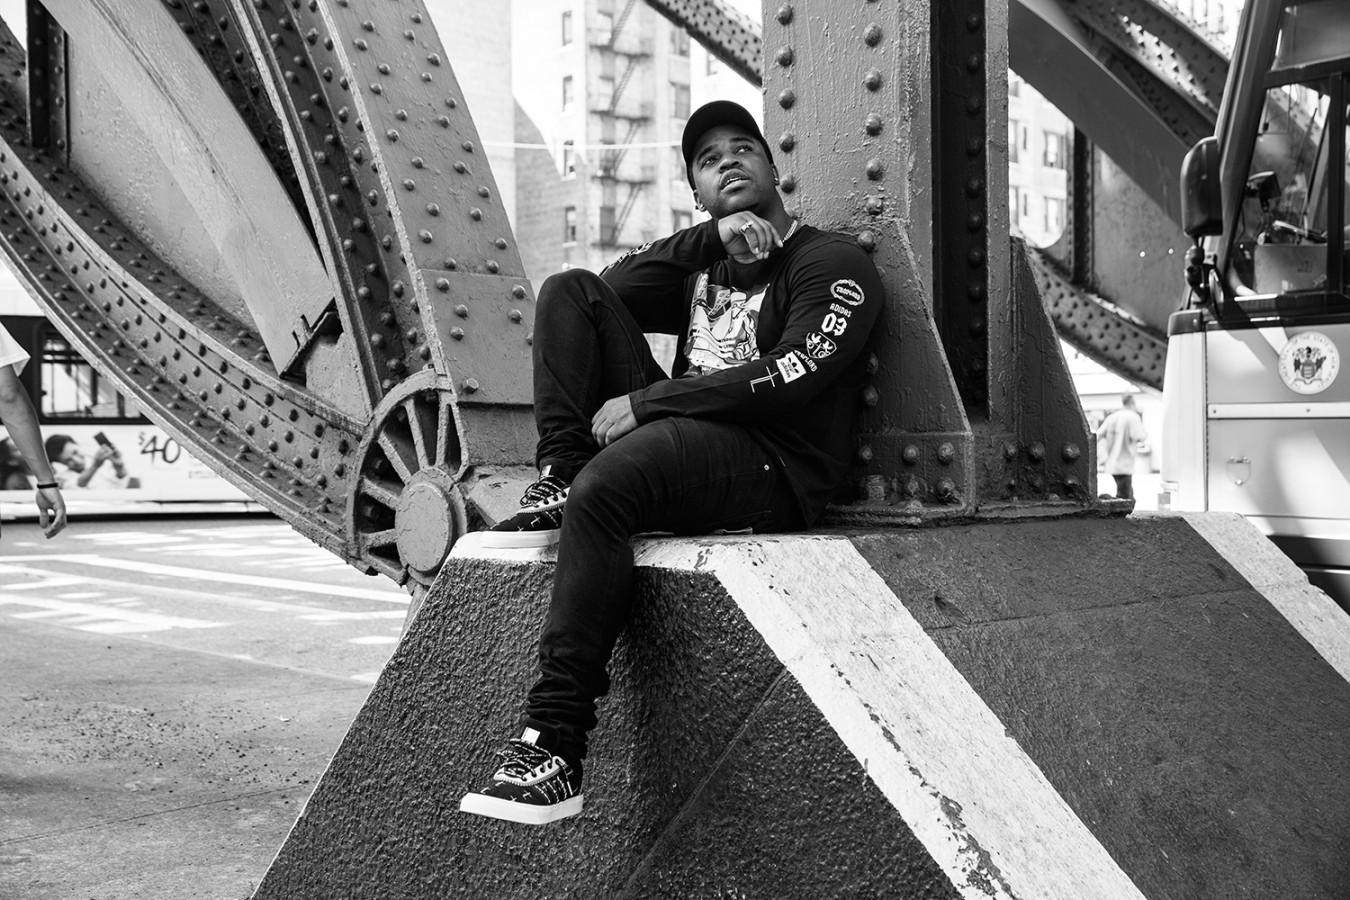 Adidas x A$AP Ferg : la collection «Traplord» qui rend hommage à A$AP Yams